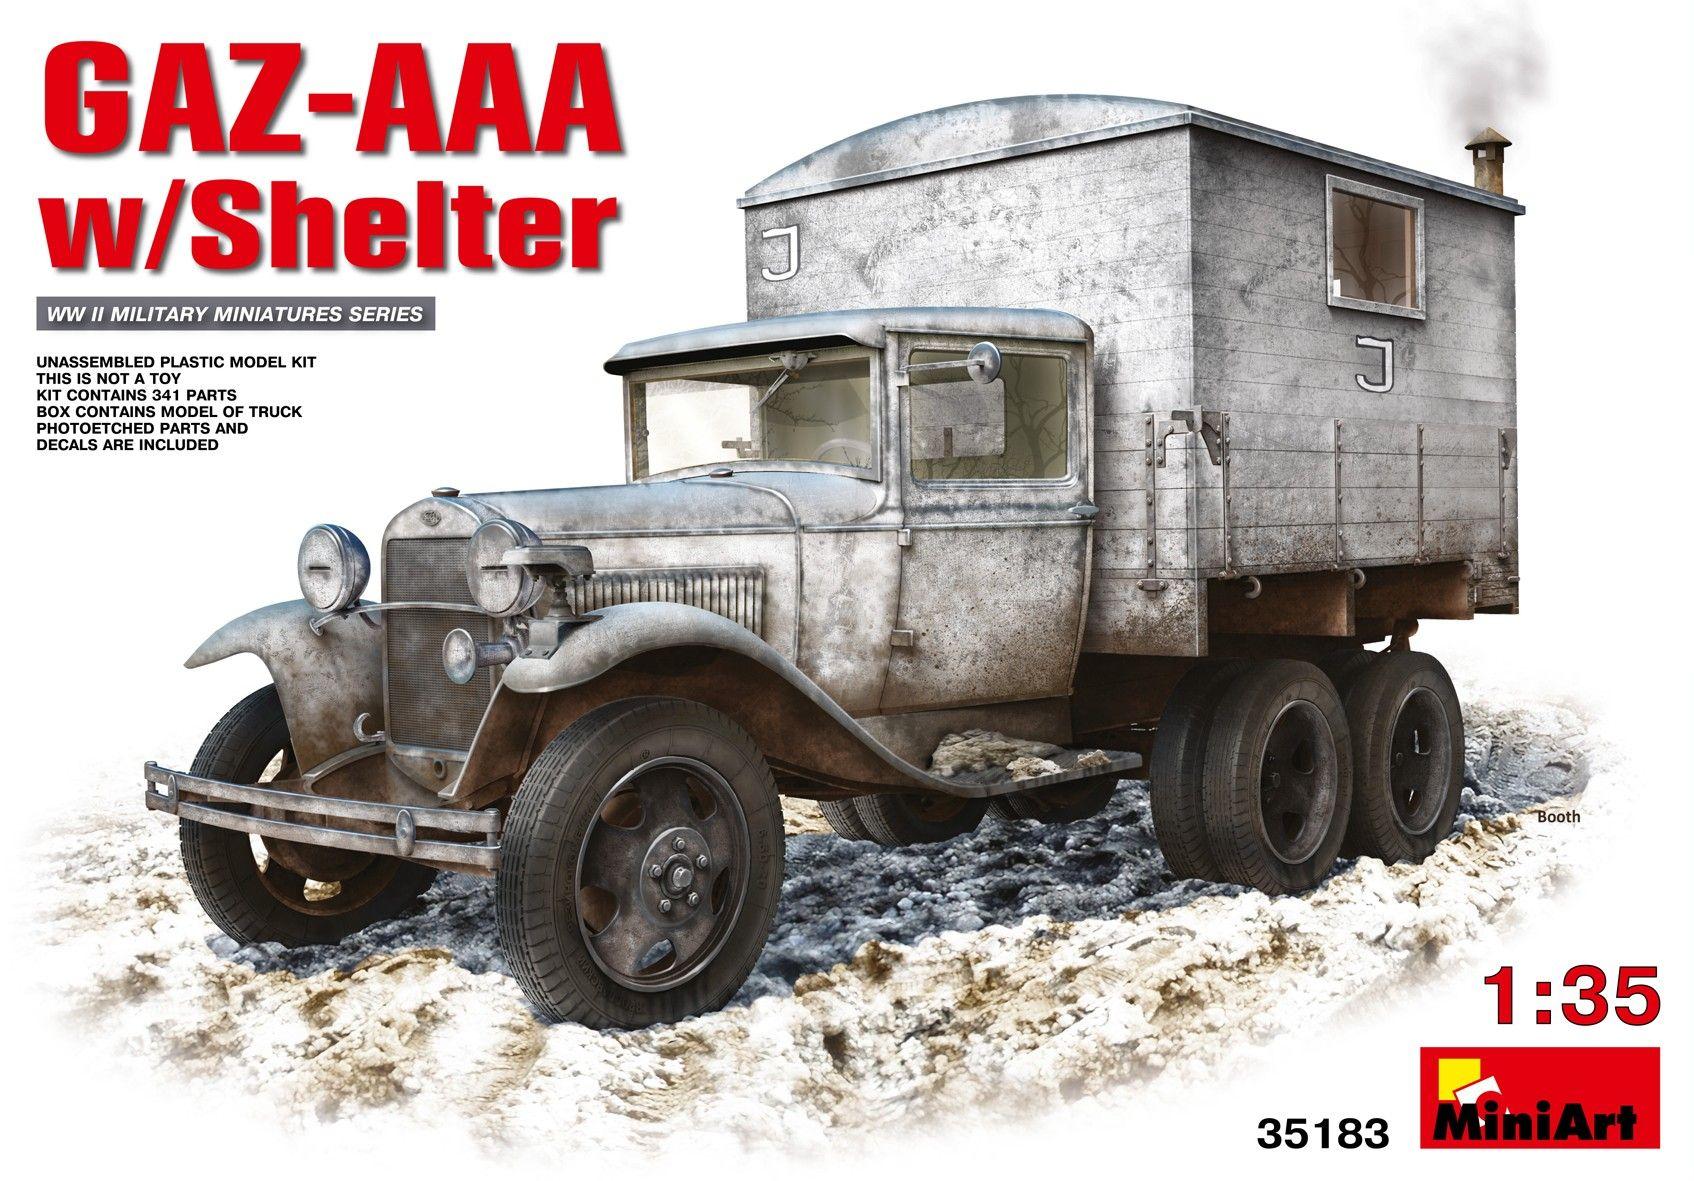 Военен сглобяем модел - Съветски военен автомобил GAZ-AAA с фургон - 1